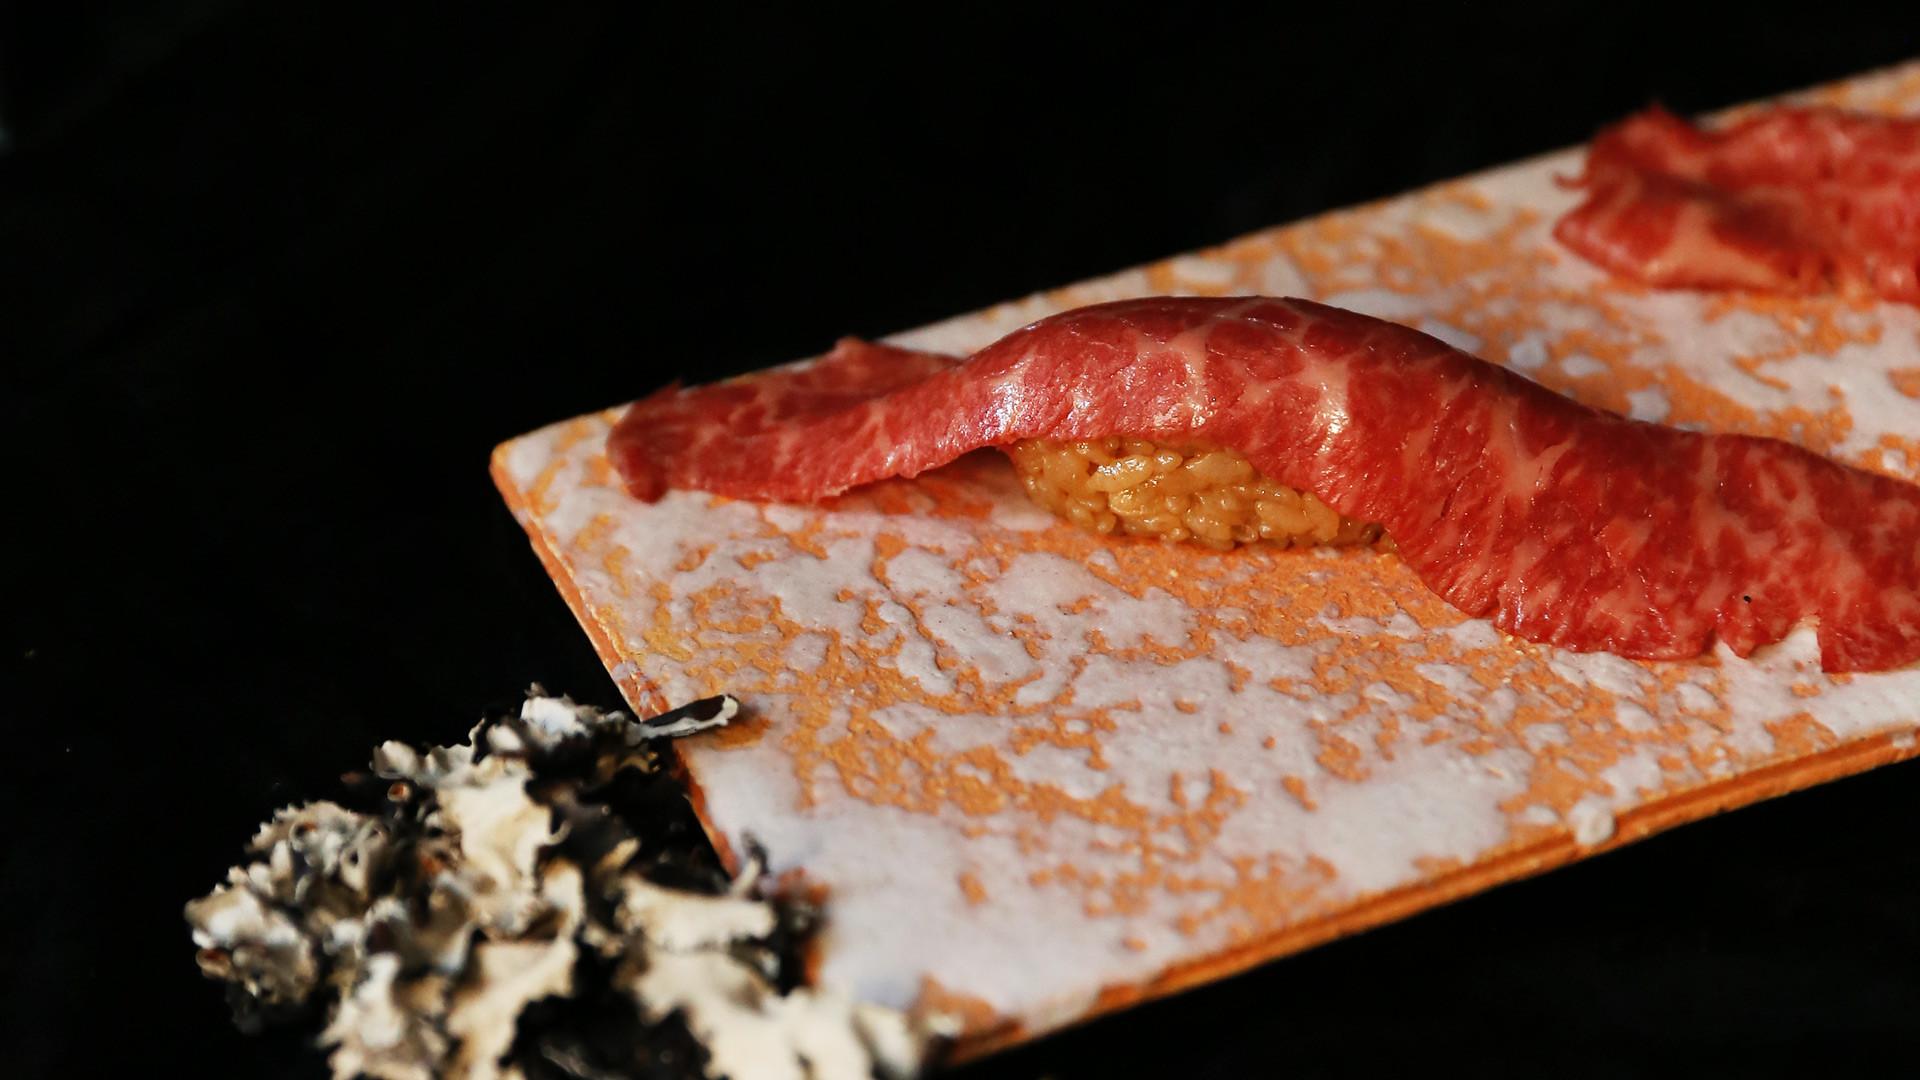 Best sushi in Toronto | Wagyu beef nigiri at Minami Toronto on King West